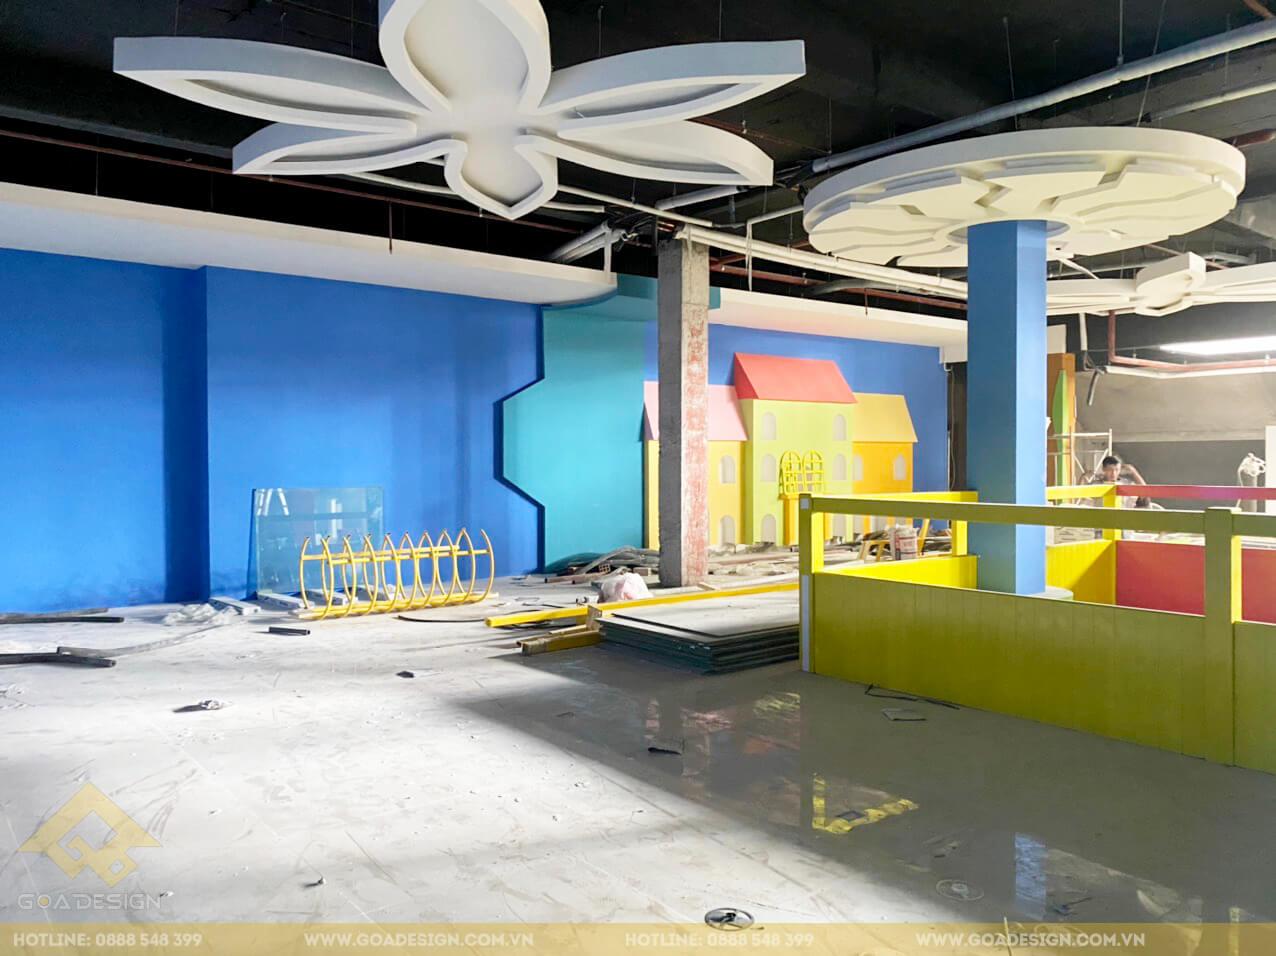 GOADESIGN-Thiết kế thi công khu vui chơi trẻ em (8)